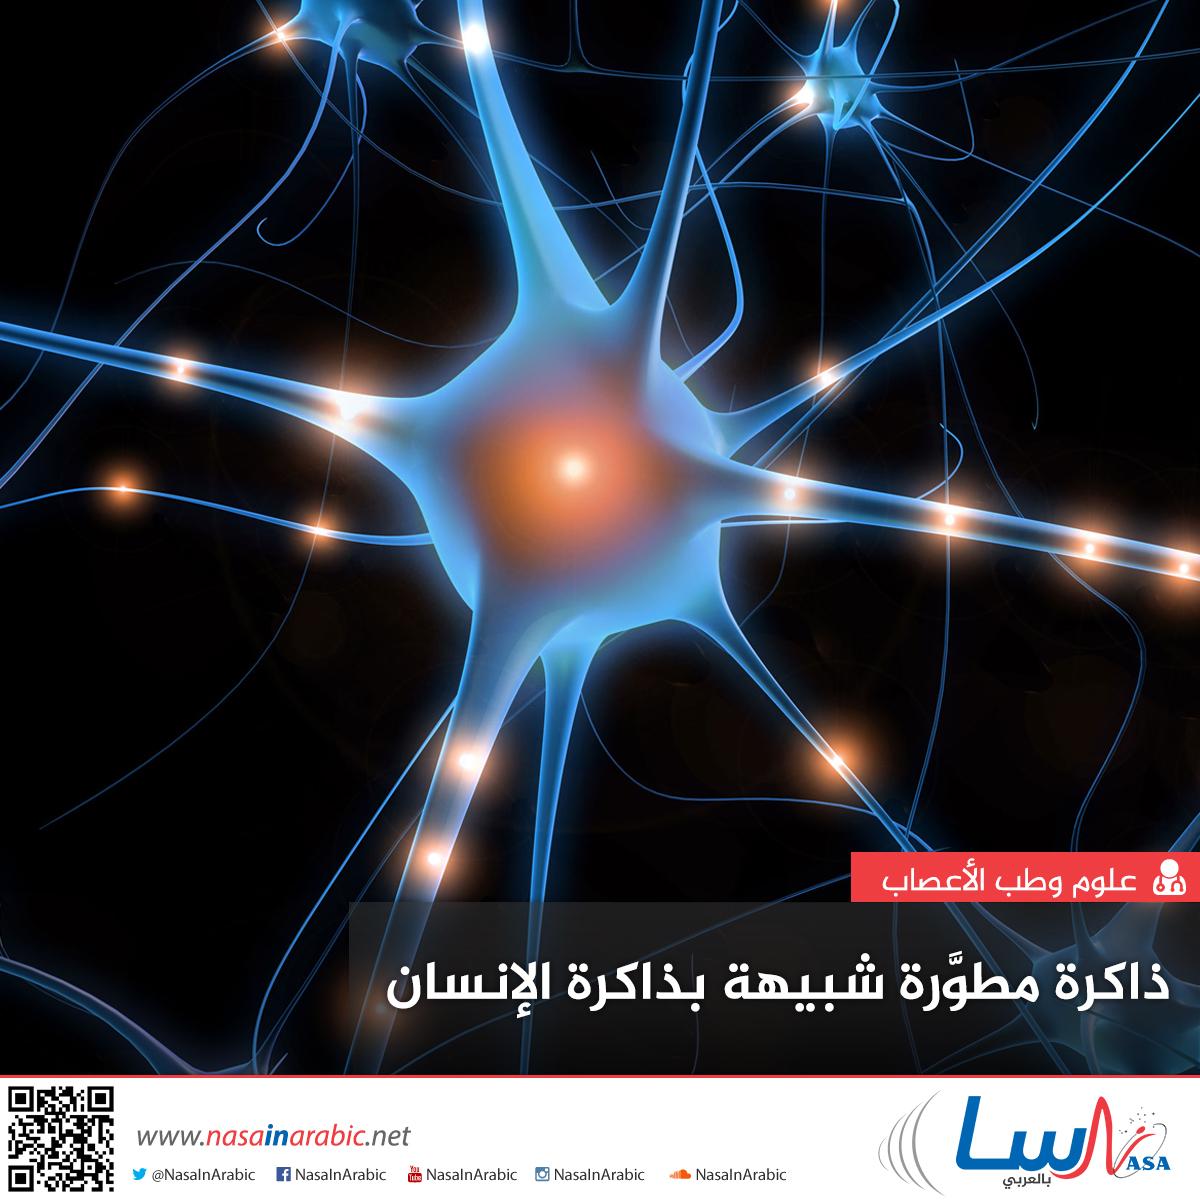 ذاكرة مطوَّرة شبيهة بذاكرة الإنسان